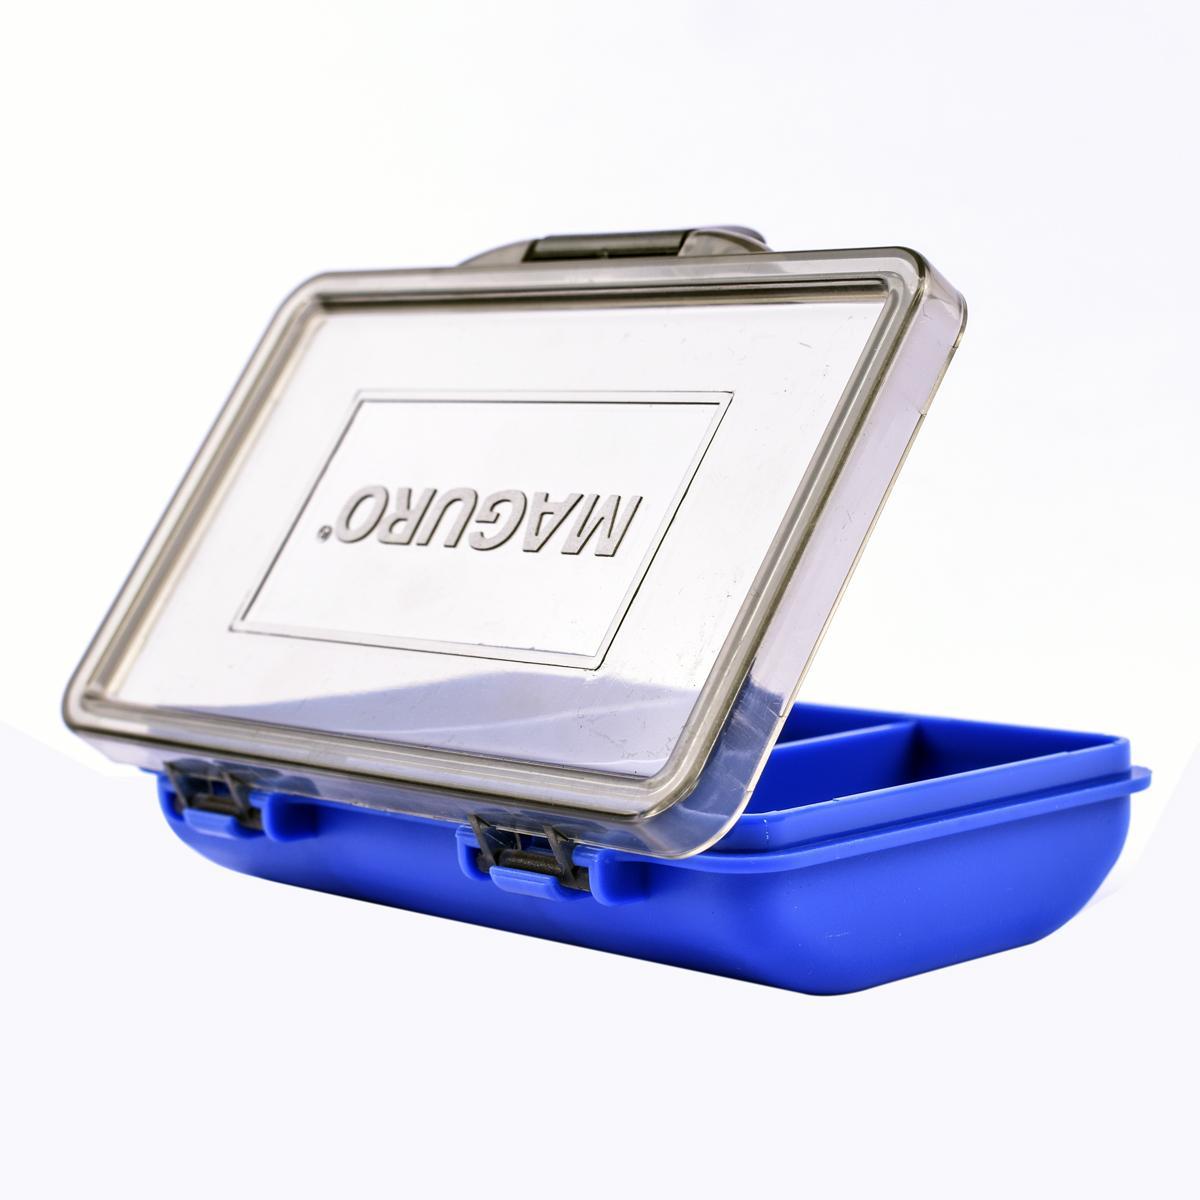 Elmondo Jas Hujan Vario Merah Daftar Harga Terbaru Dan Terupdate 2 Kepala Huan Ponco In 1 Best Idea Kotak Pancing Maguro Carp Small Box 3 Compart Warna Biru 5